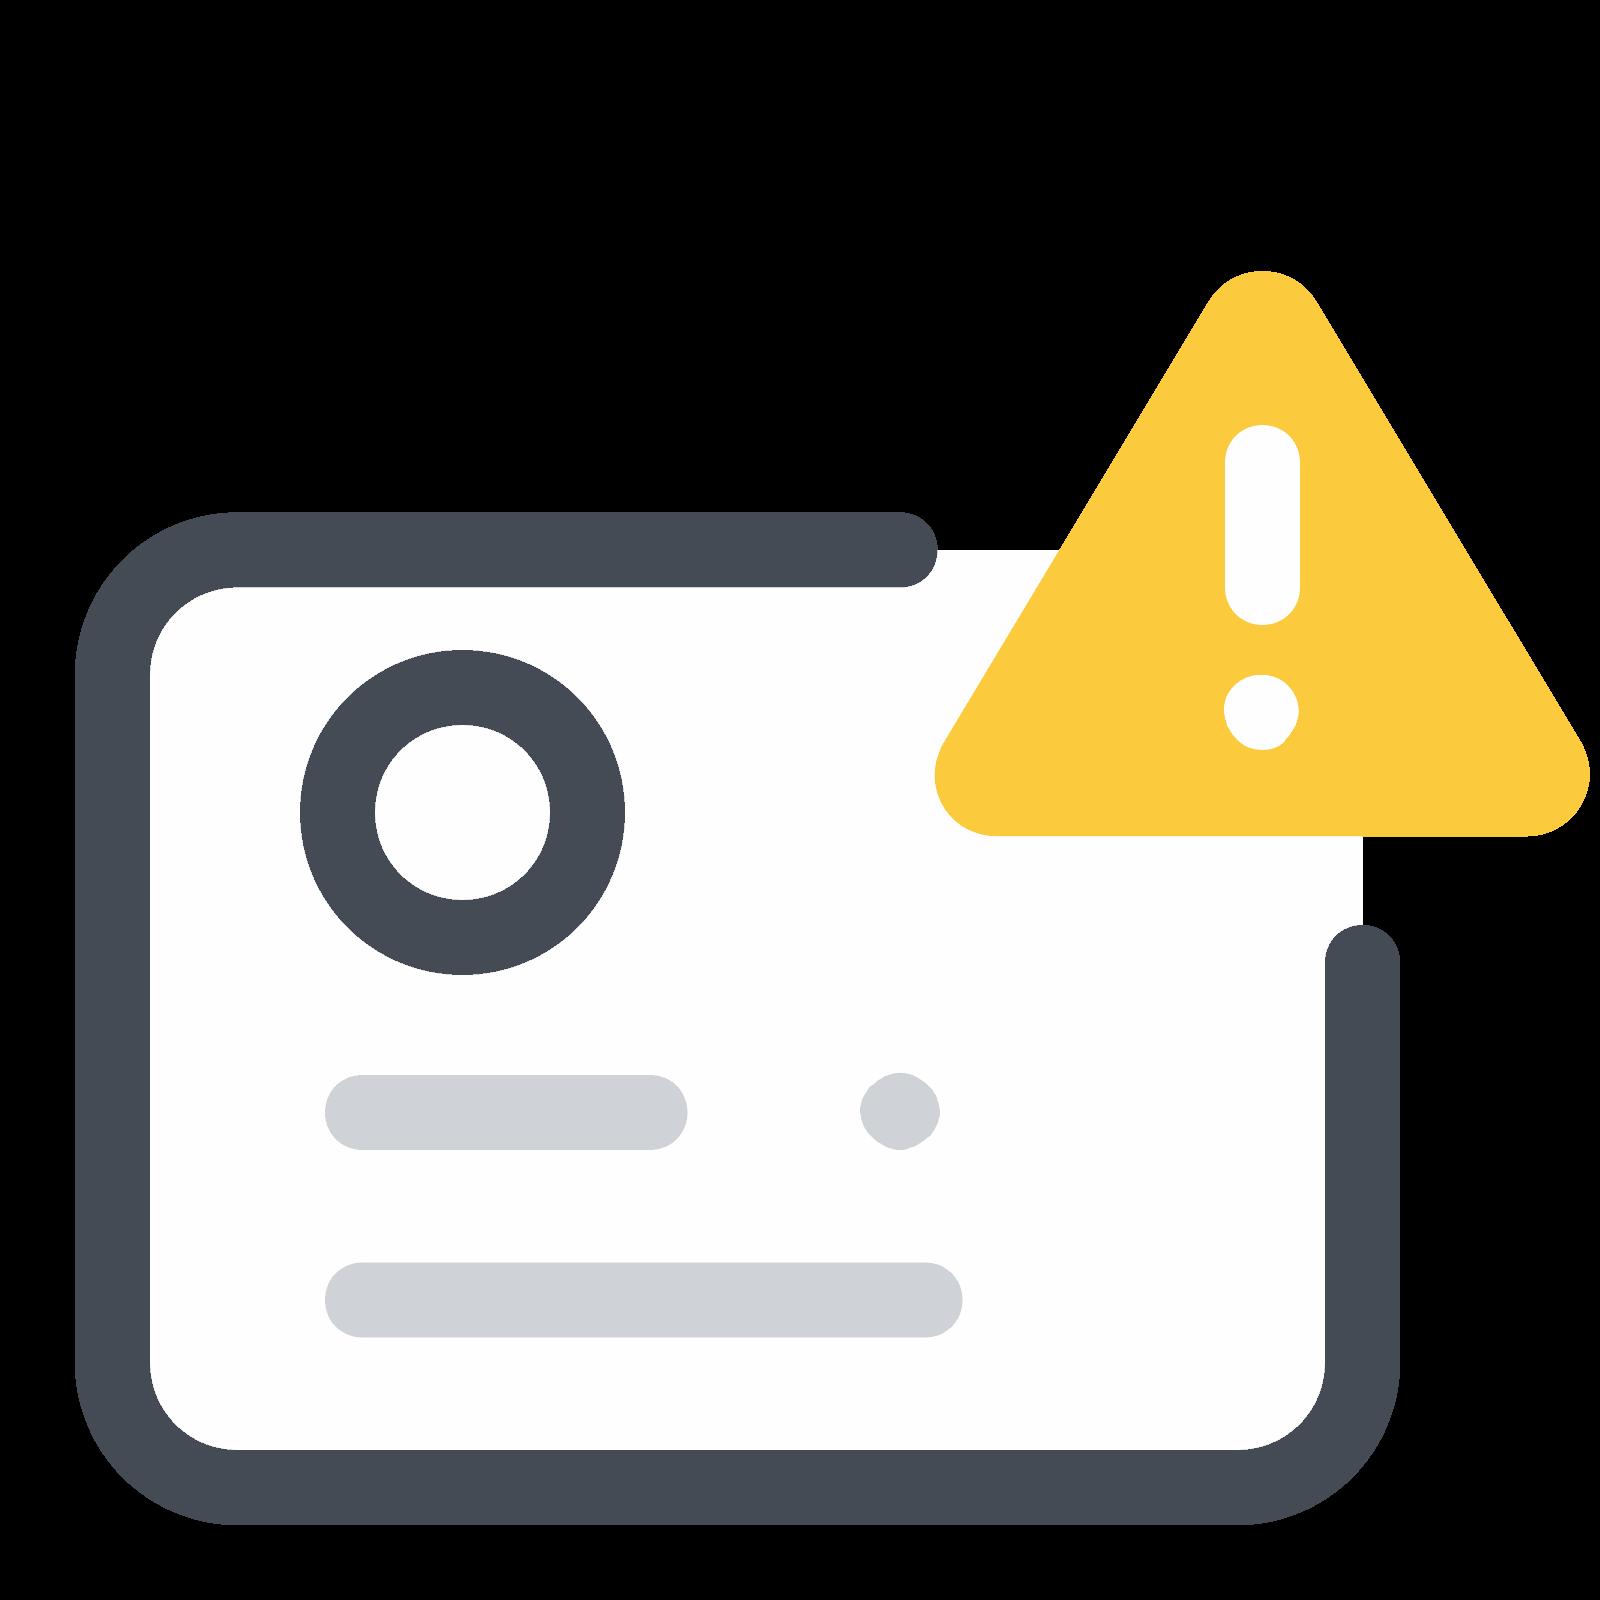 Identification Documents Error Icon Icons Graphicdesign Design Icon Documents Design